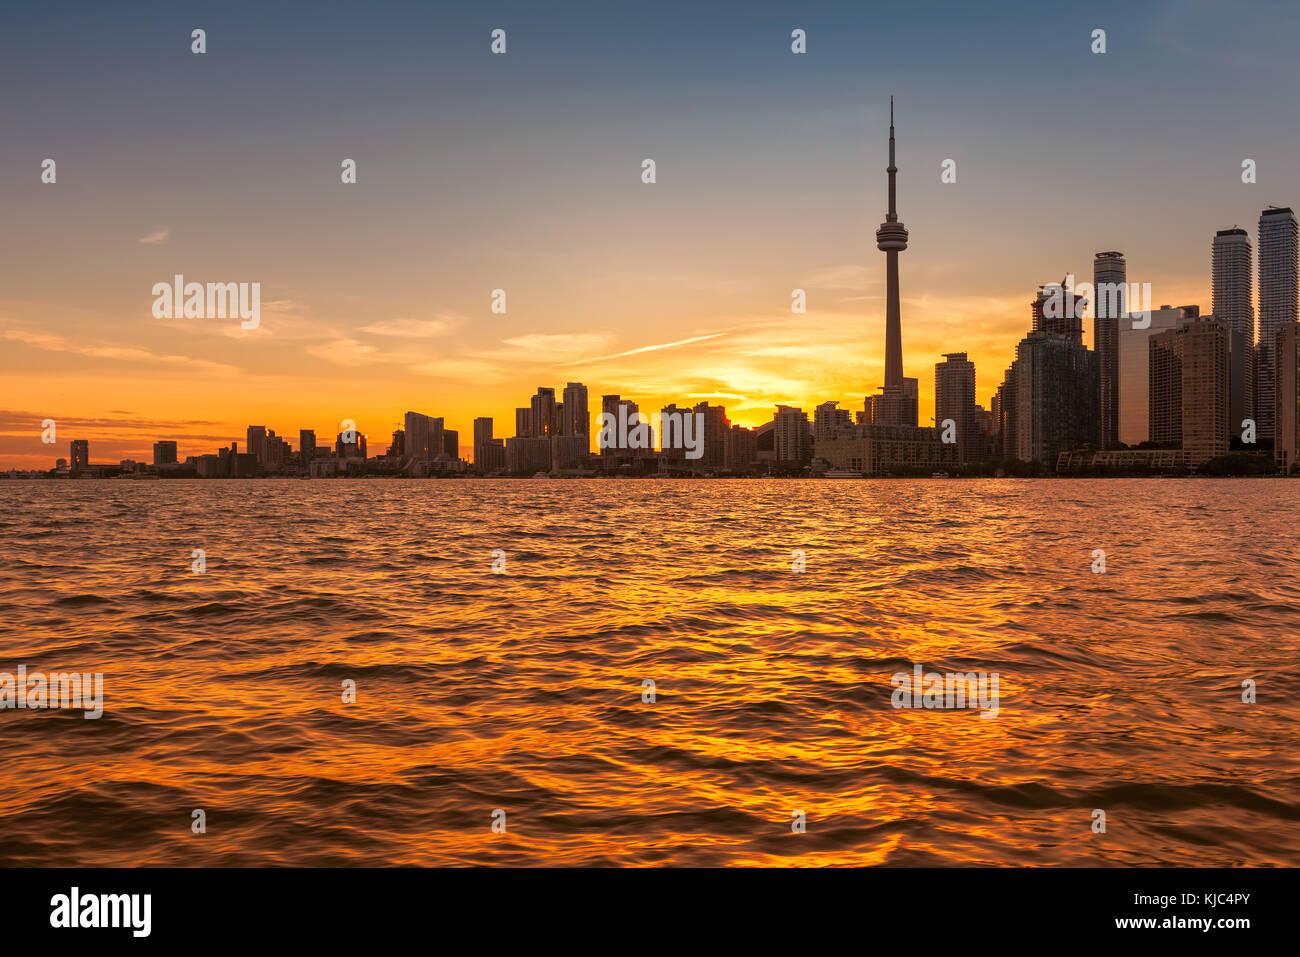 Horizonte de la ciudad de Toronto en el hermoso atardecer, Ontario, Canadá. Imagen De Stock